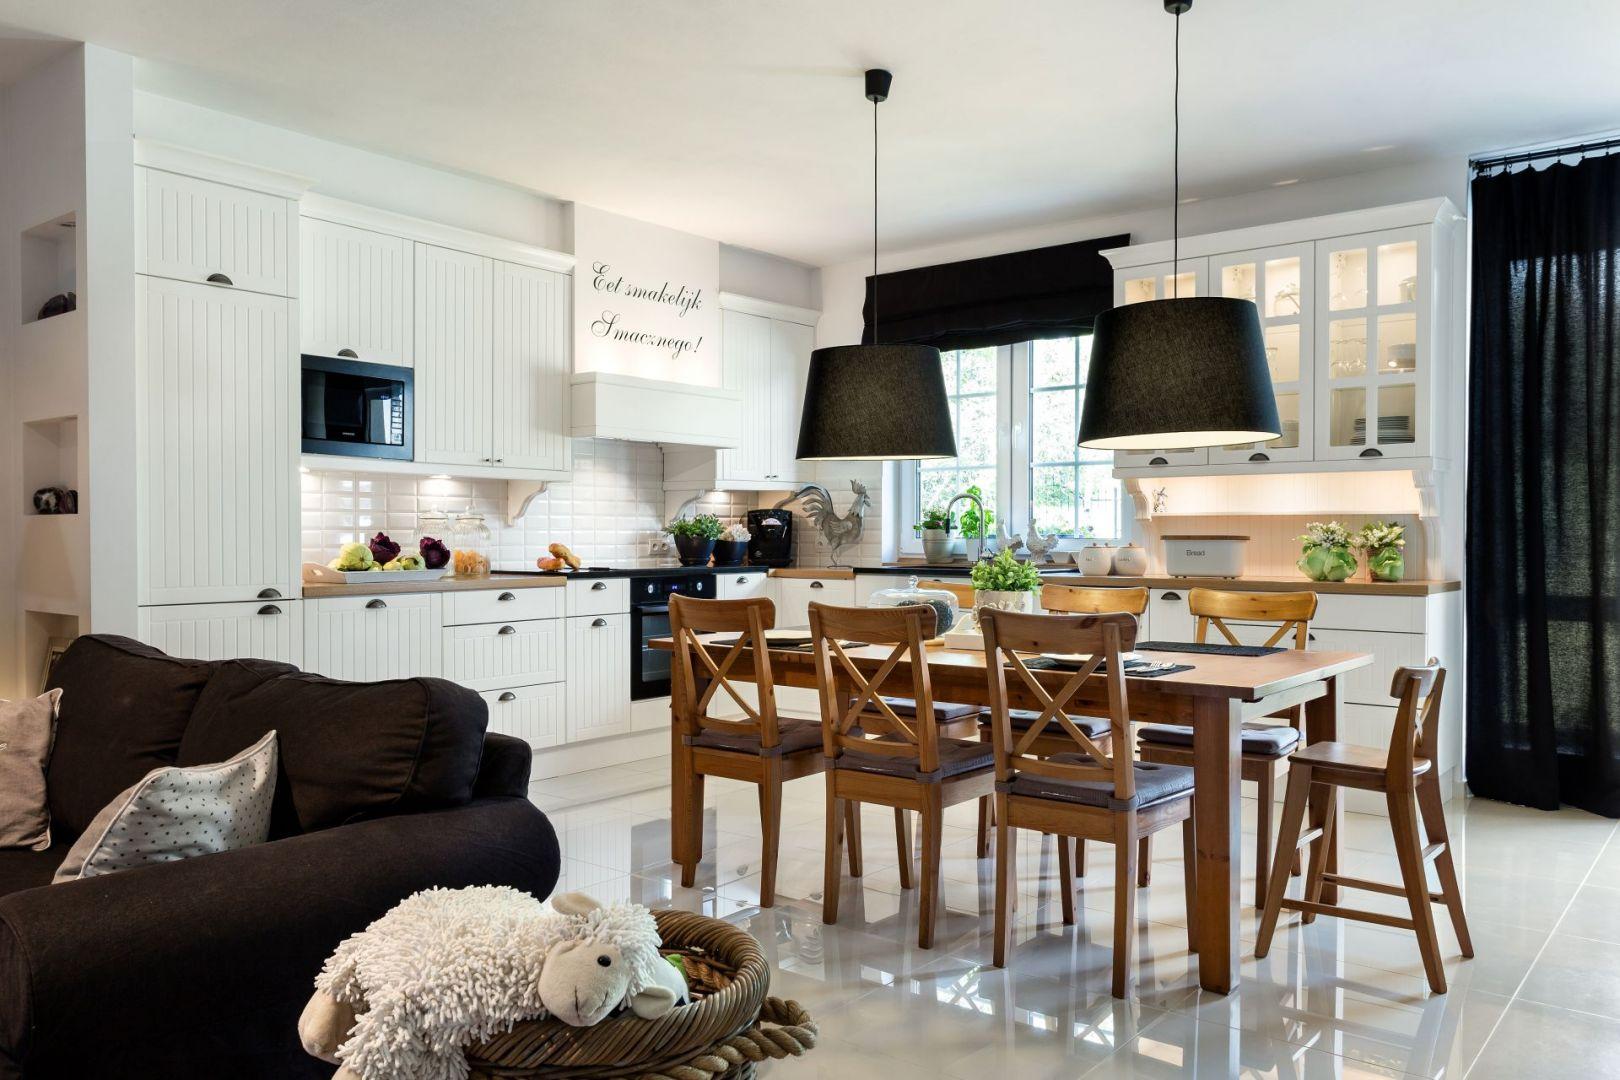 Drewniane krzesła doskonale sprawdzą się w kuchni w stylu angielskim lub rustykalnym. Fot. Studio Max Kuchnie Vigo